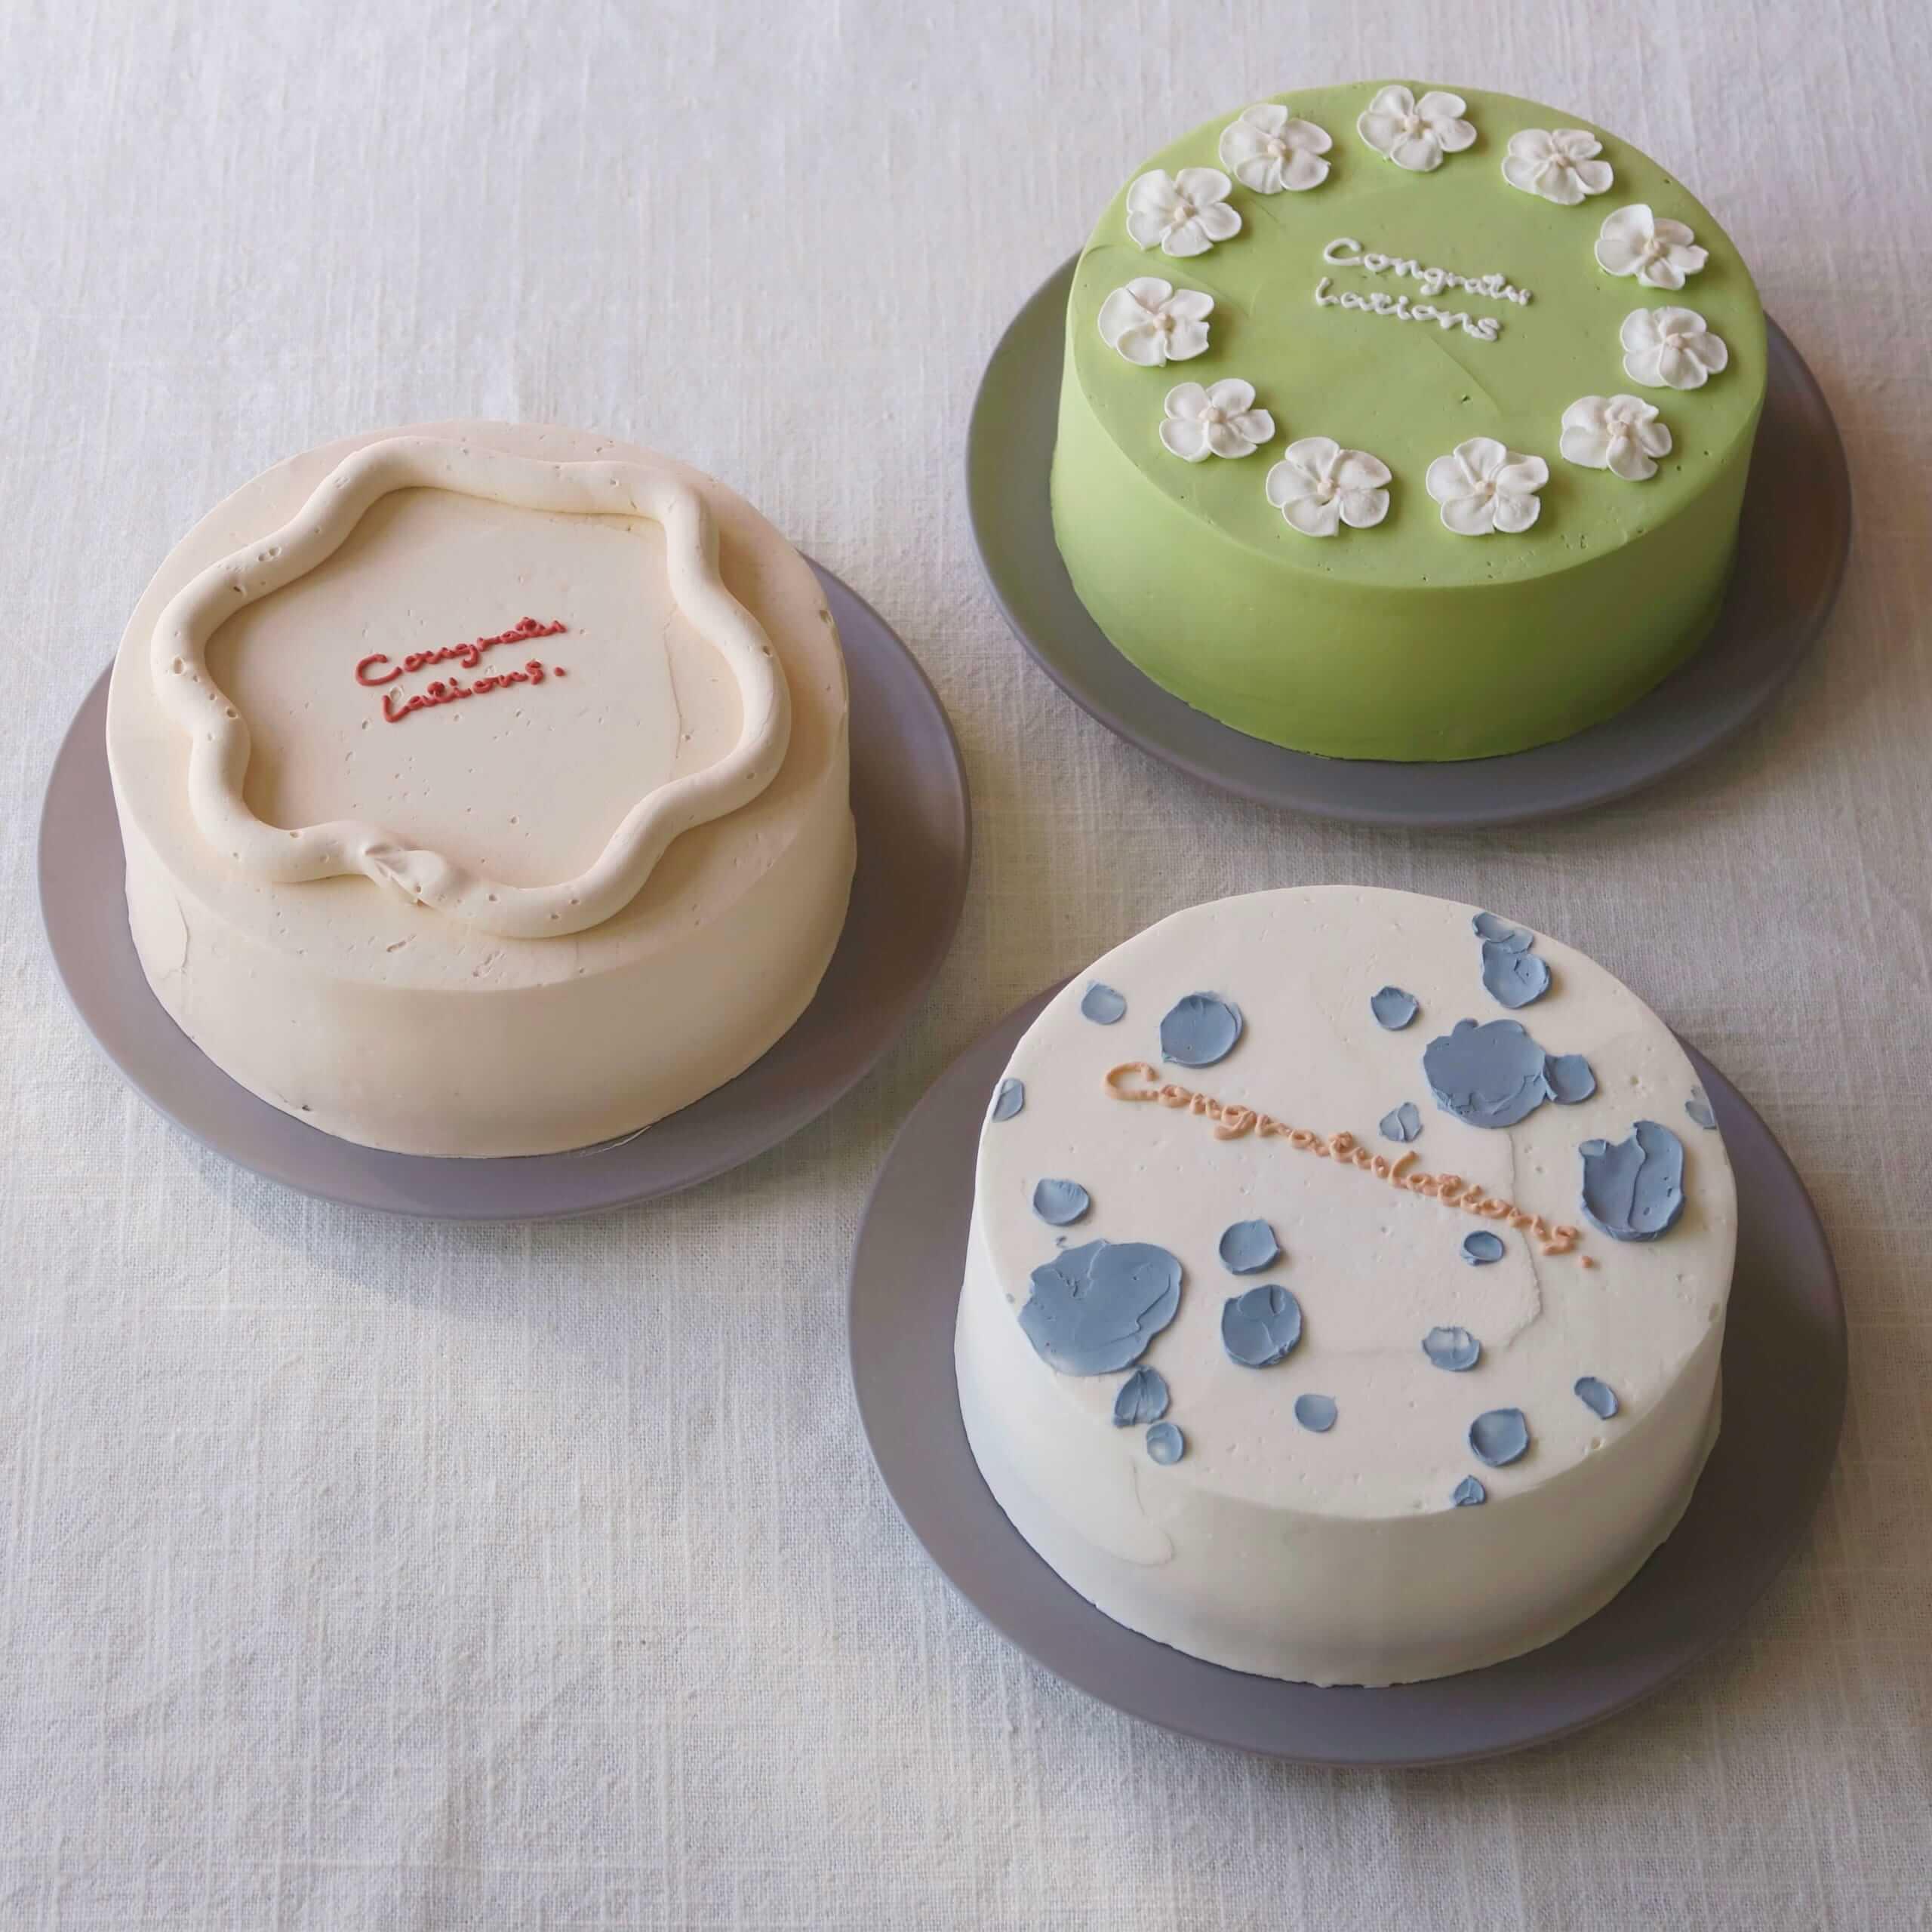 YUcake(ユーケイク)のケーキ3種